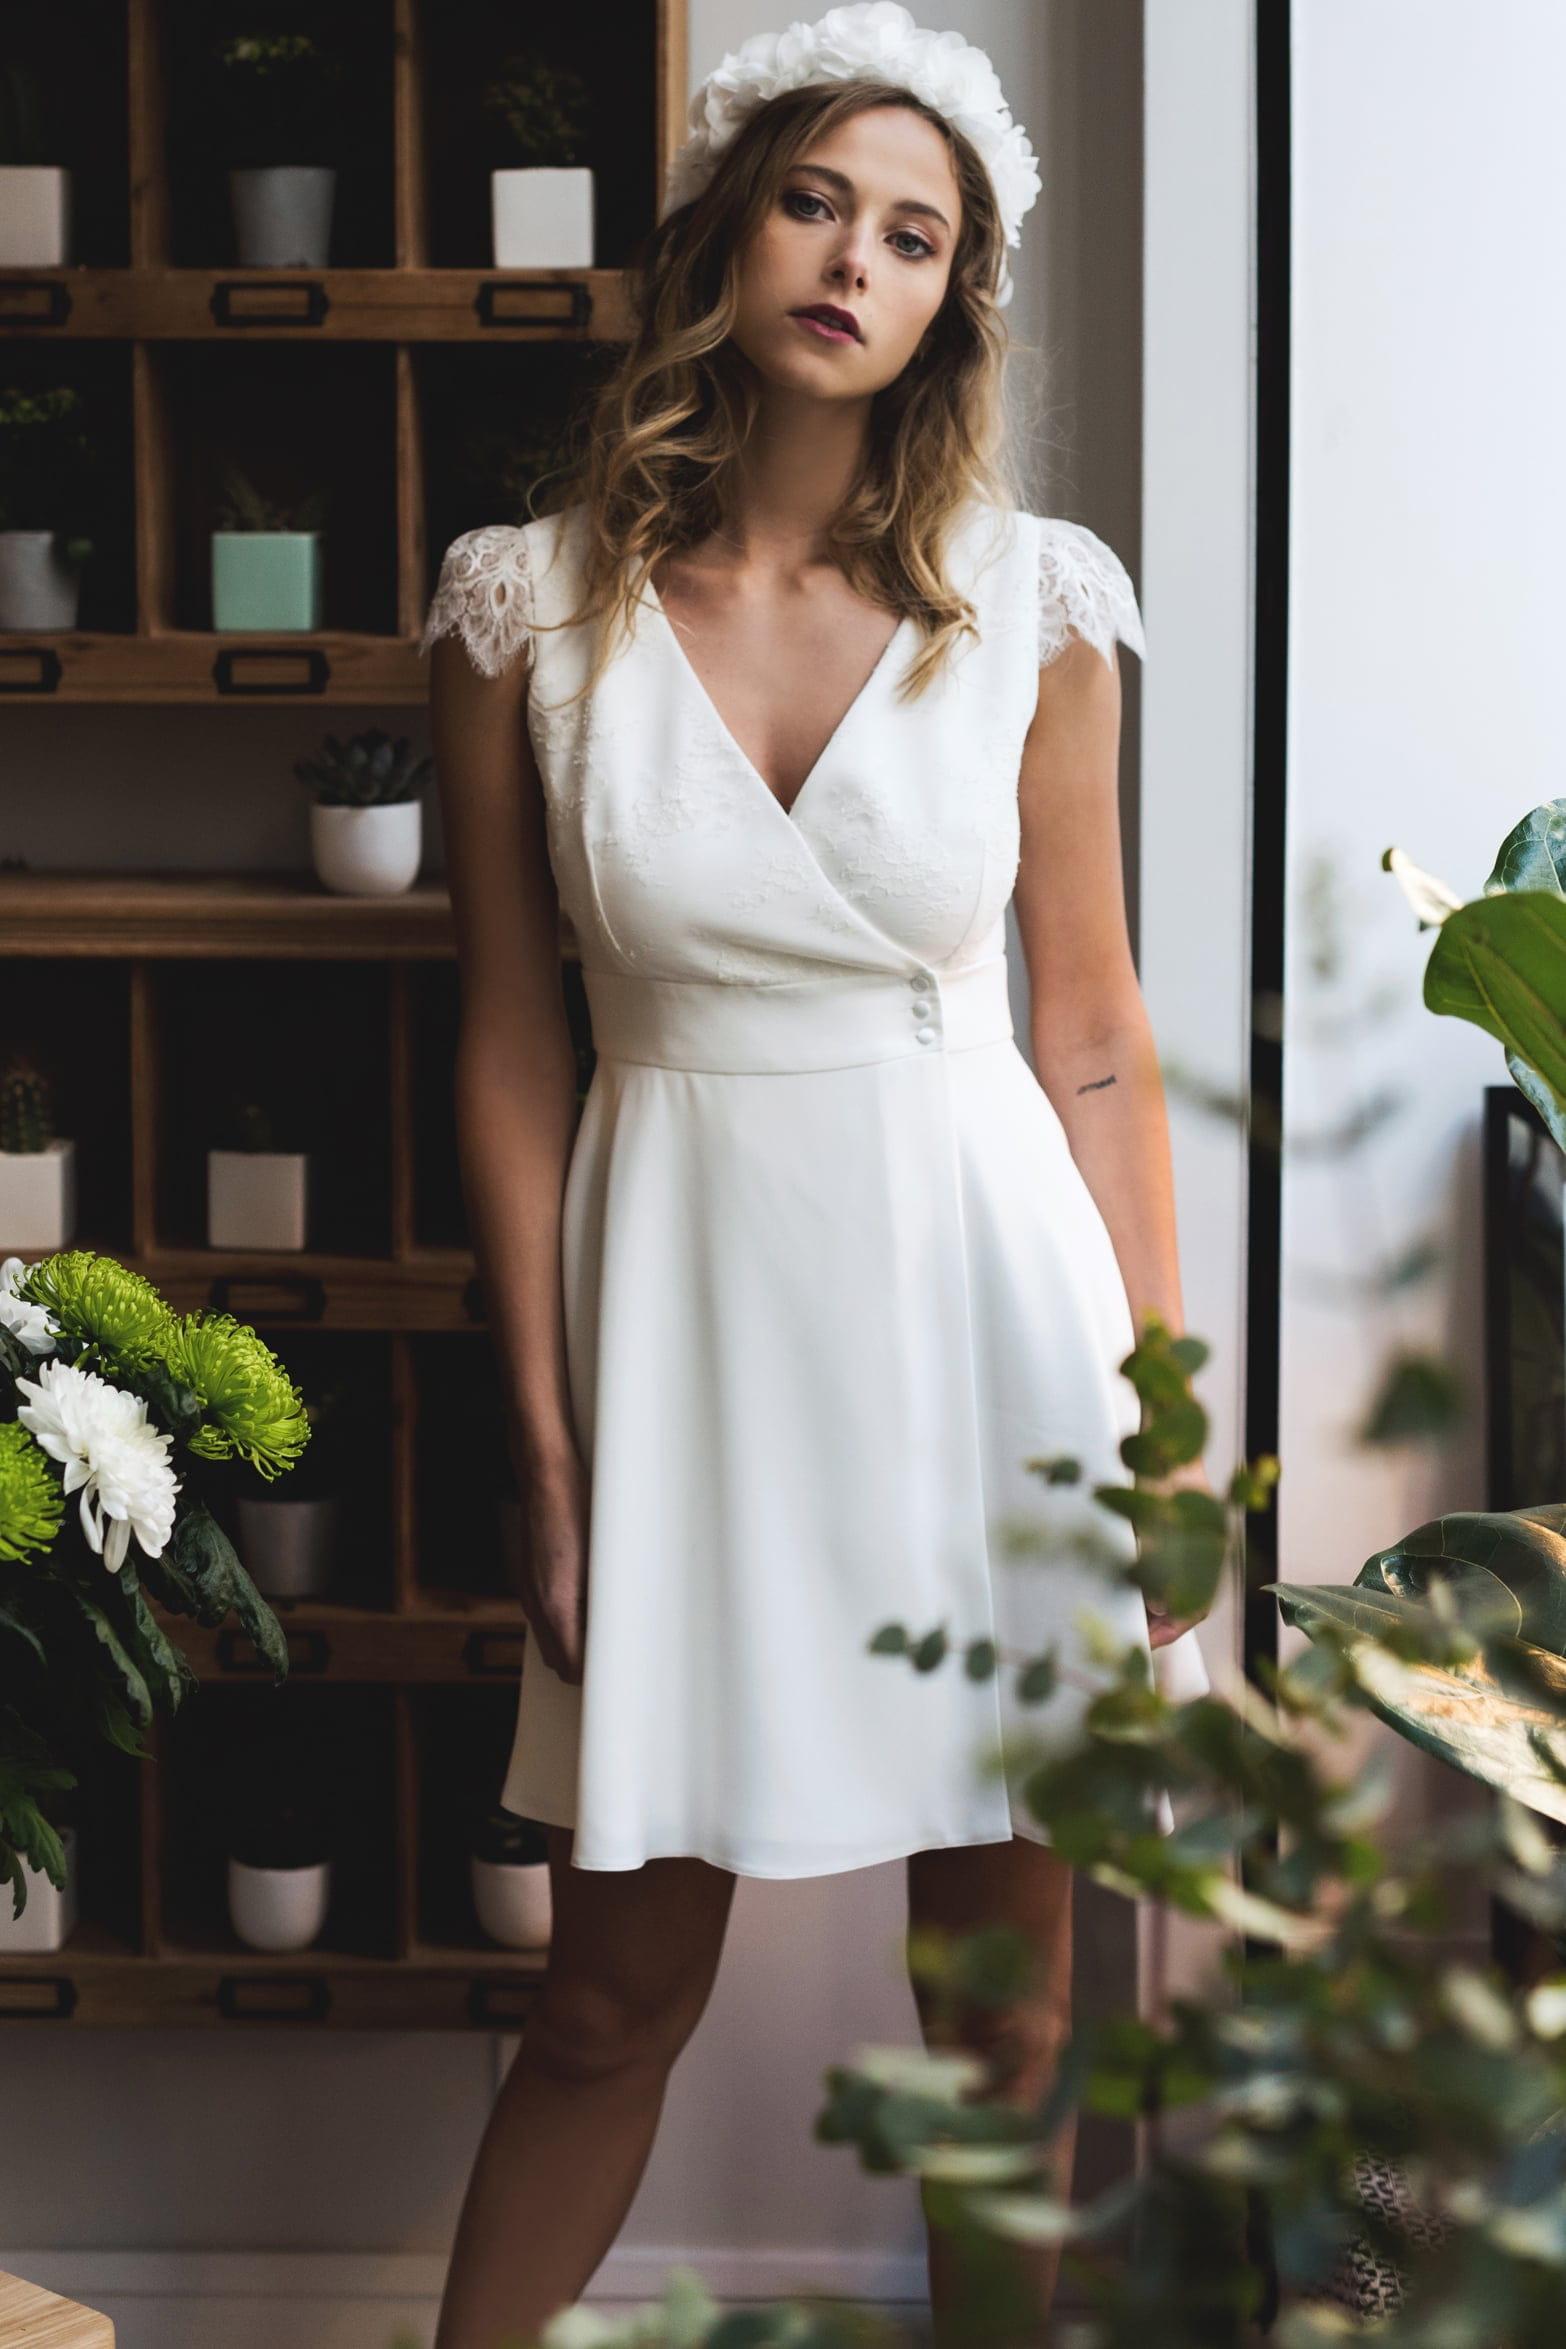 qualité fiable emballage élégant et robuste mieux choisir Robe de mariée Lady, Harpe